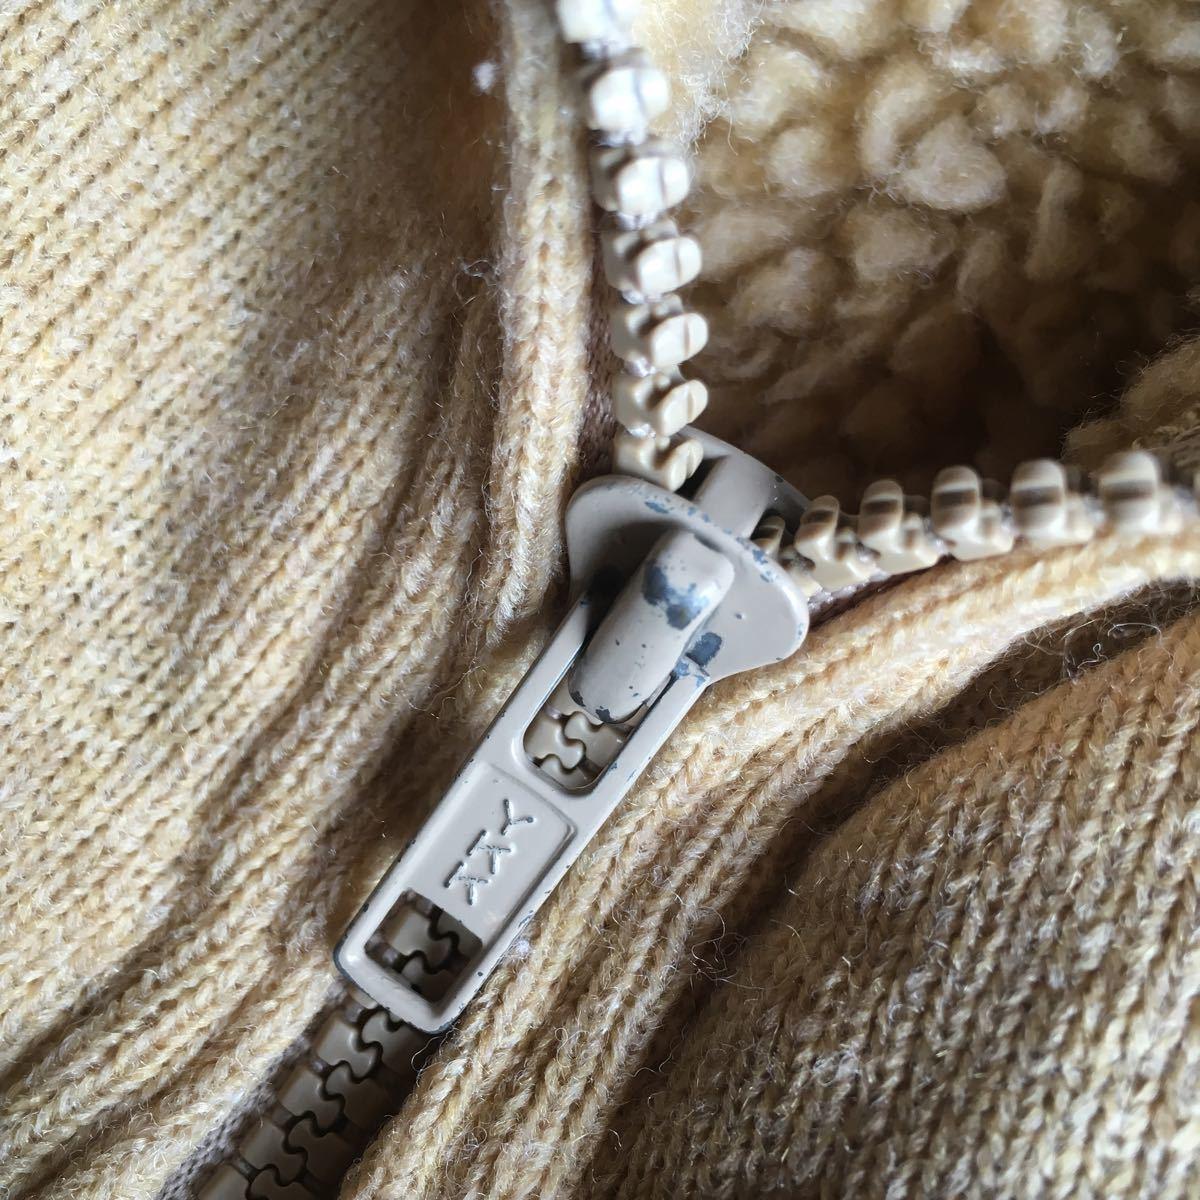 70s patagonia 白タグ パイル プルオーバー ジャケット ビンテージ オリジナル デカタグ vintage YKK / レトロ mars シュイナード サーフ_画像6